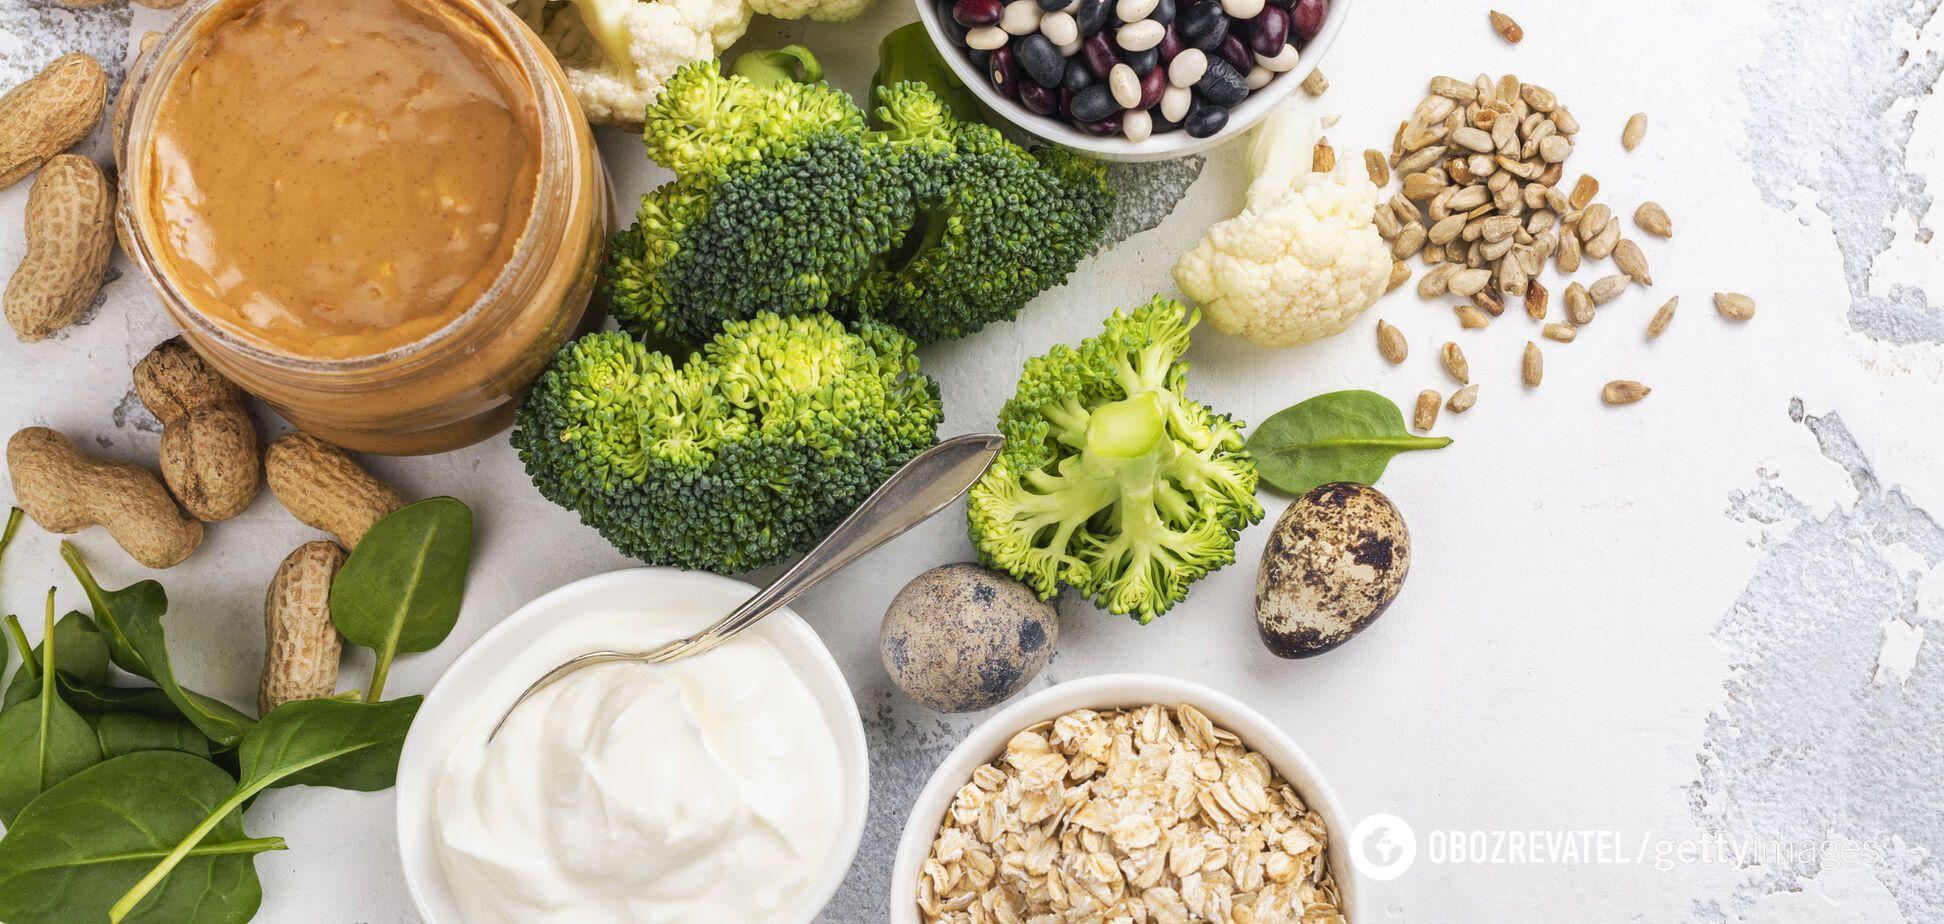 Овощи, семена и бобовые принесут организму большую пользу, если придерживаться простых правил